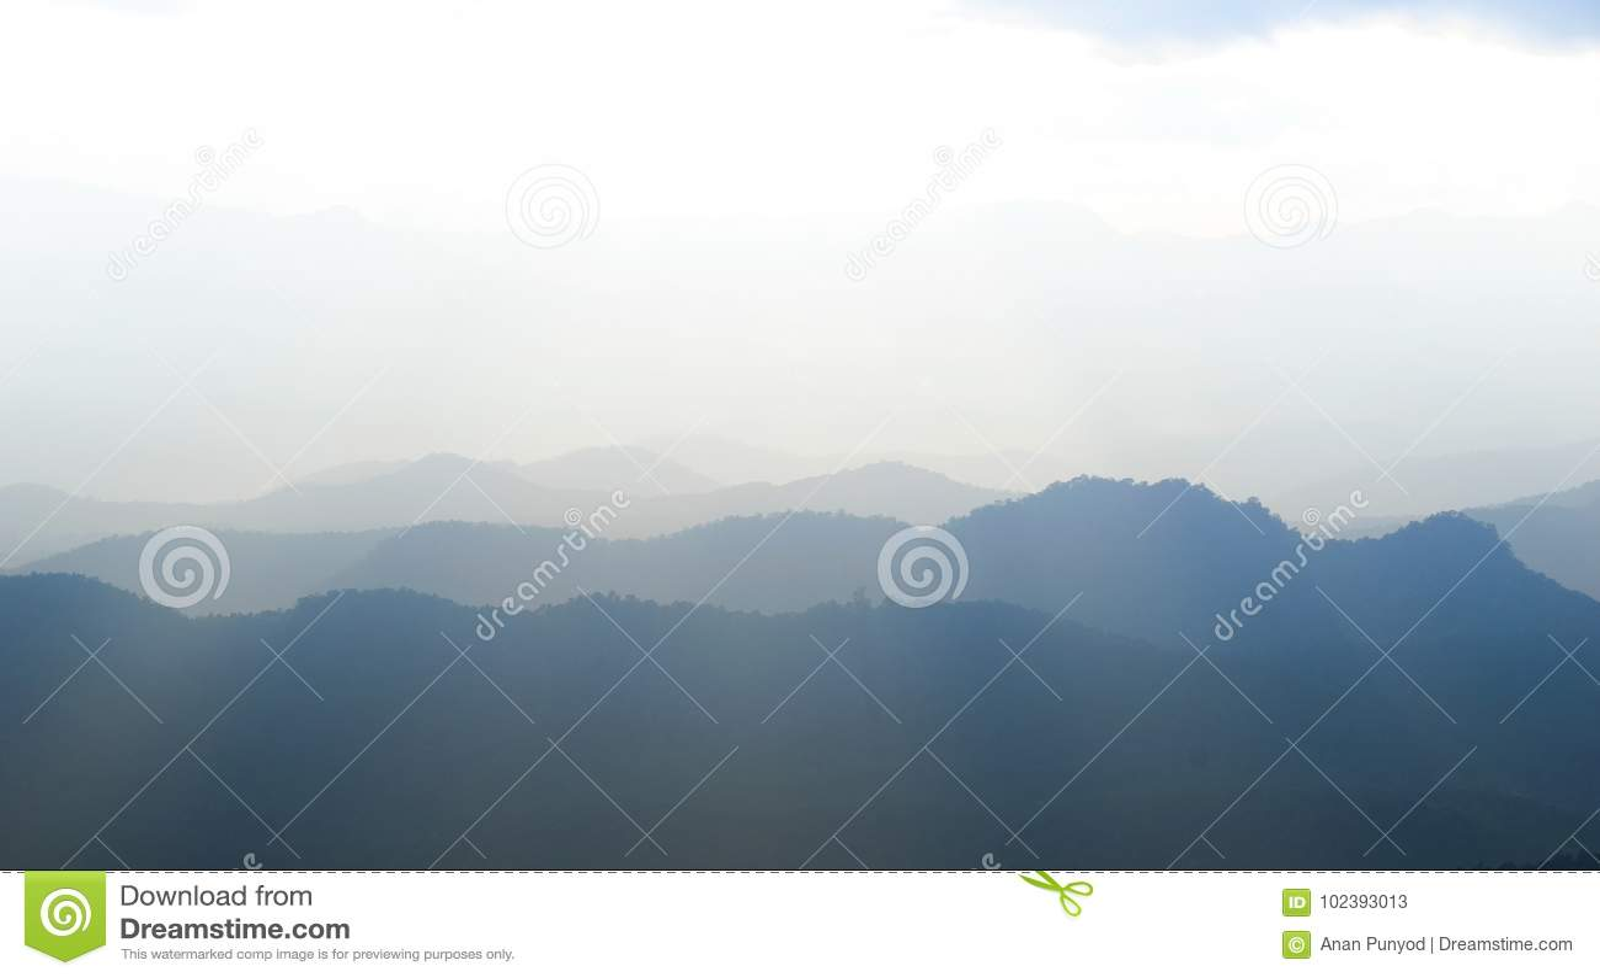 日出山风景看法分层堆积晚上在北部泰国山脉